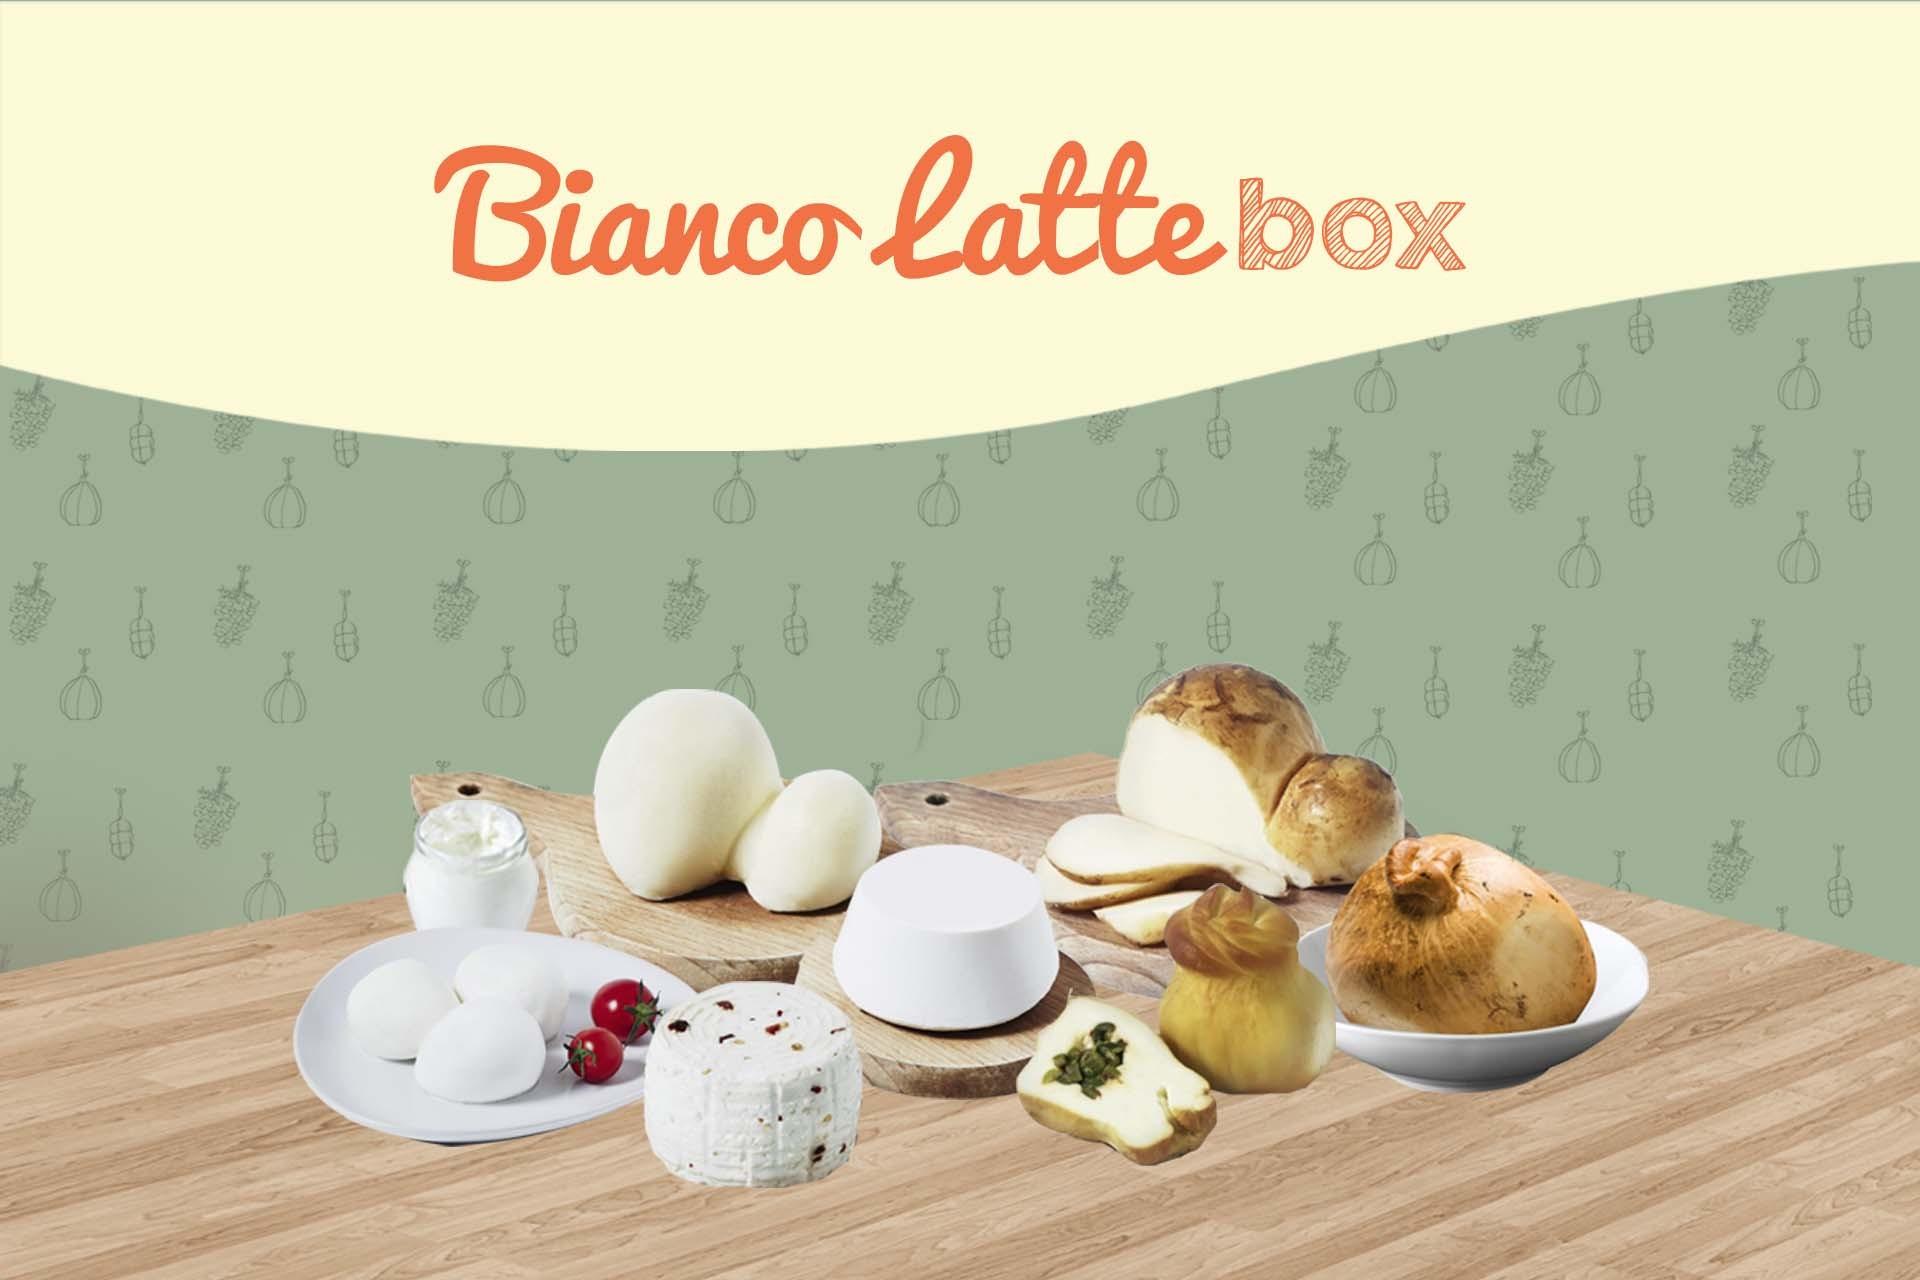 Box Bianco Latte